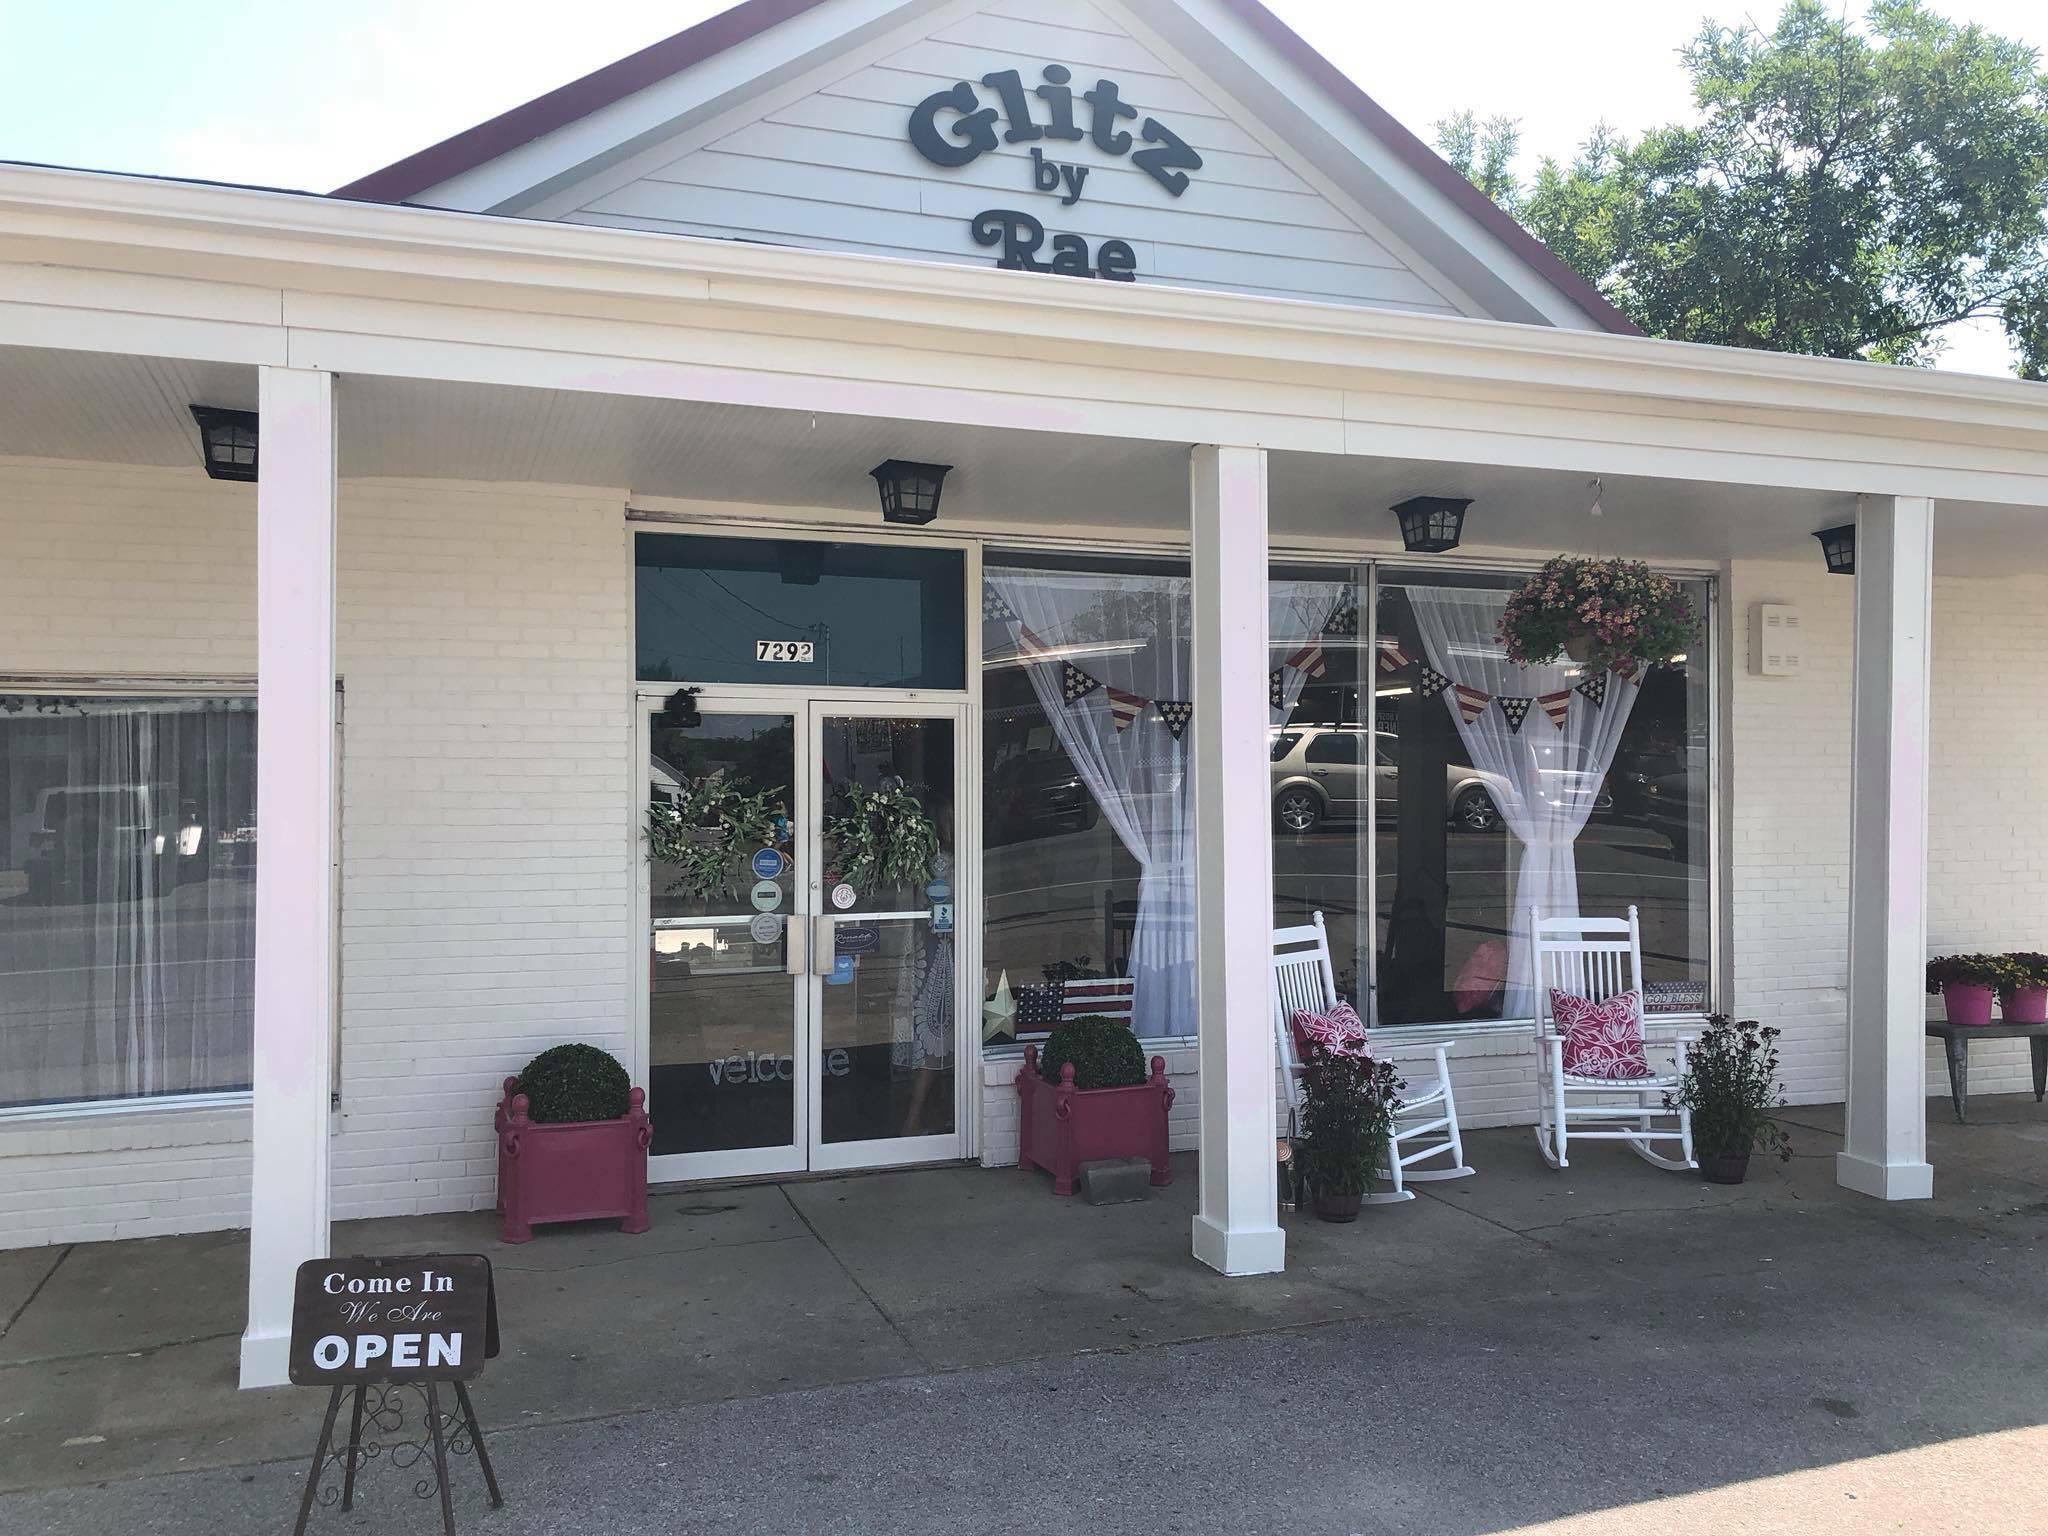 Glitz By Rae Nolensville Business